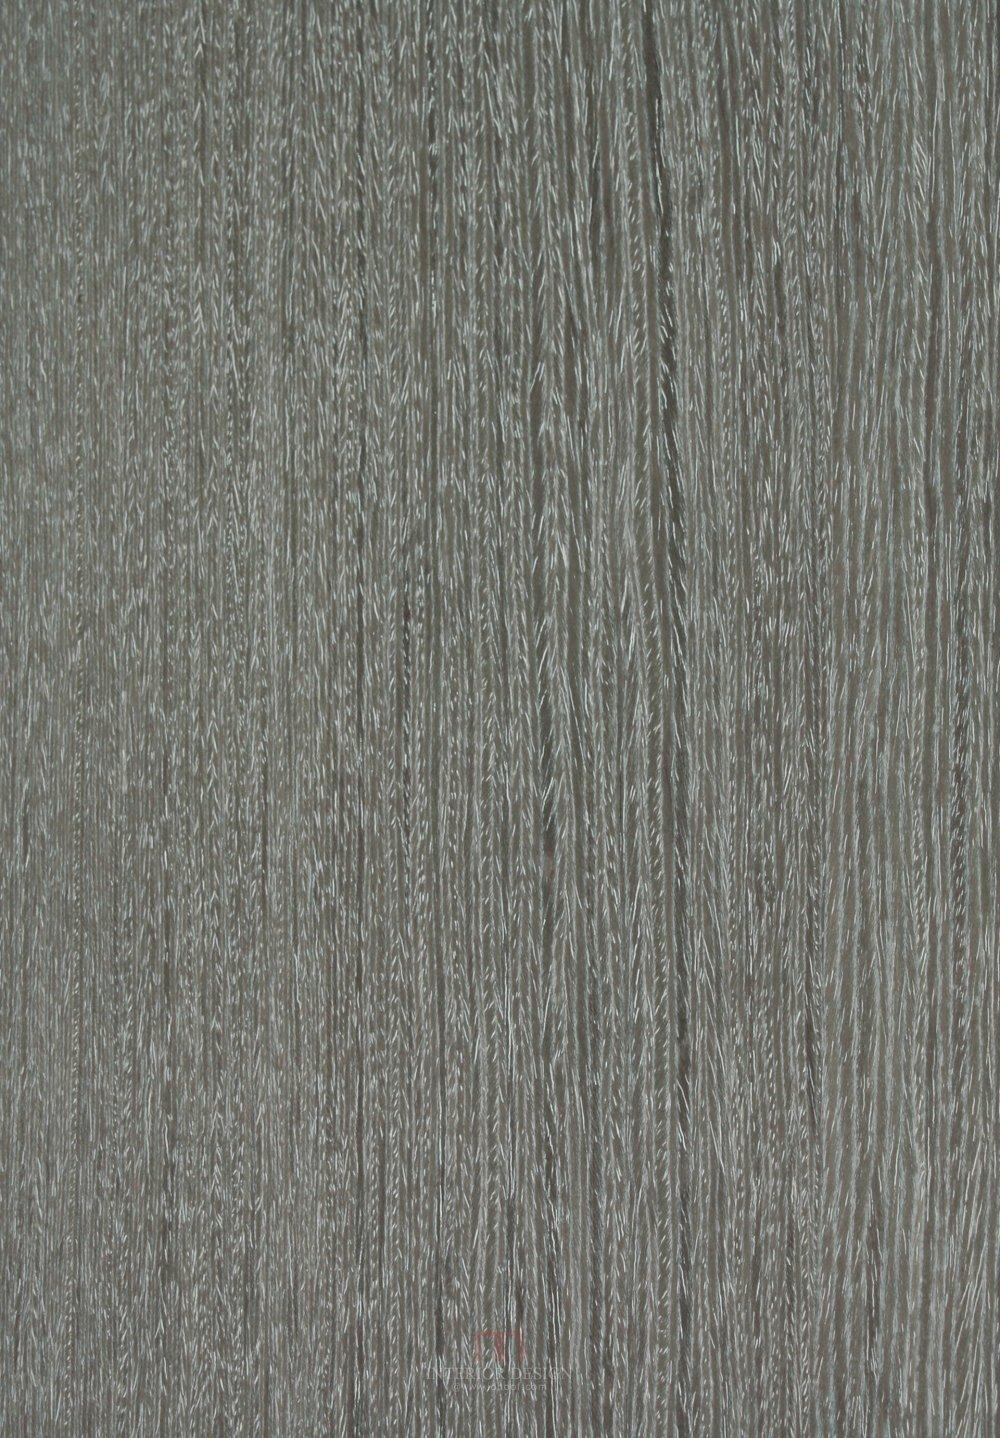 K6308_白橡木.jpg